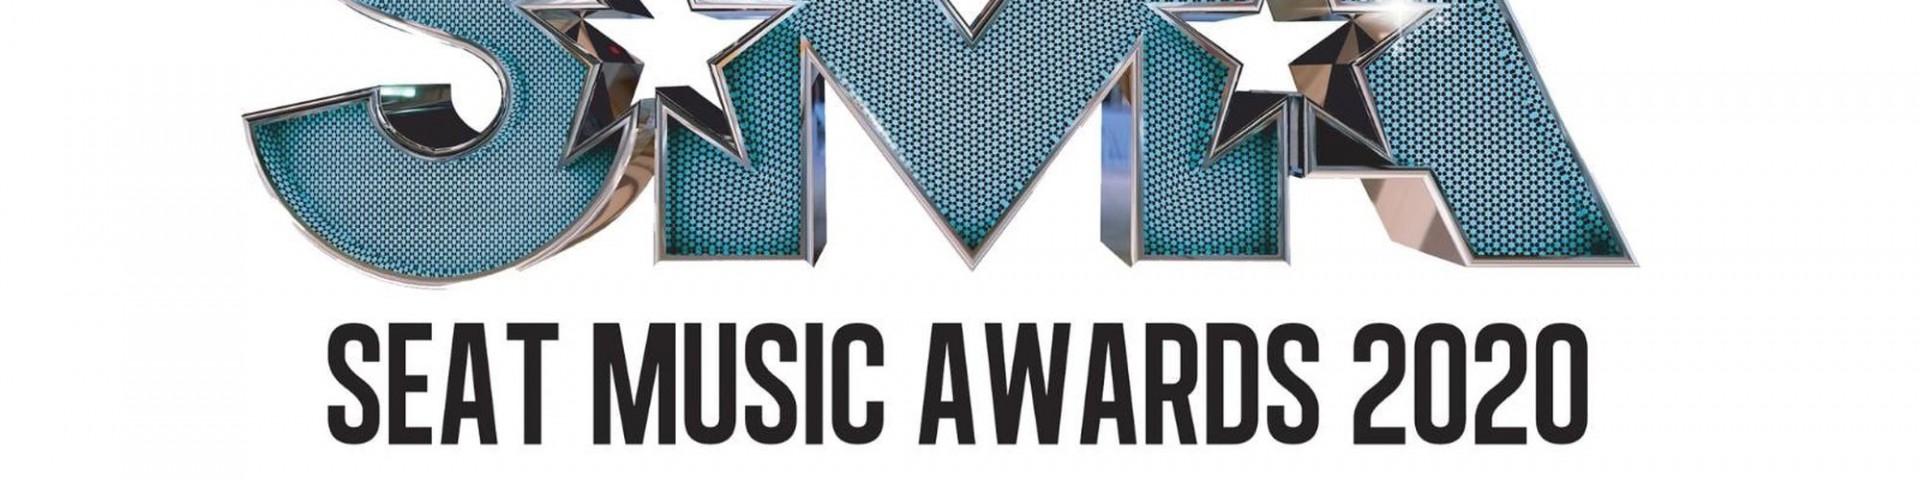 Seat Music Awards 2020: scaletta e ordine di uscita del 5 settembre